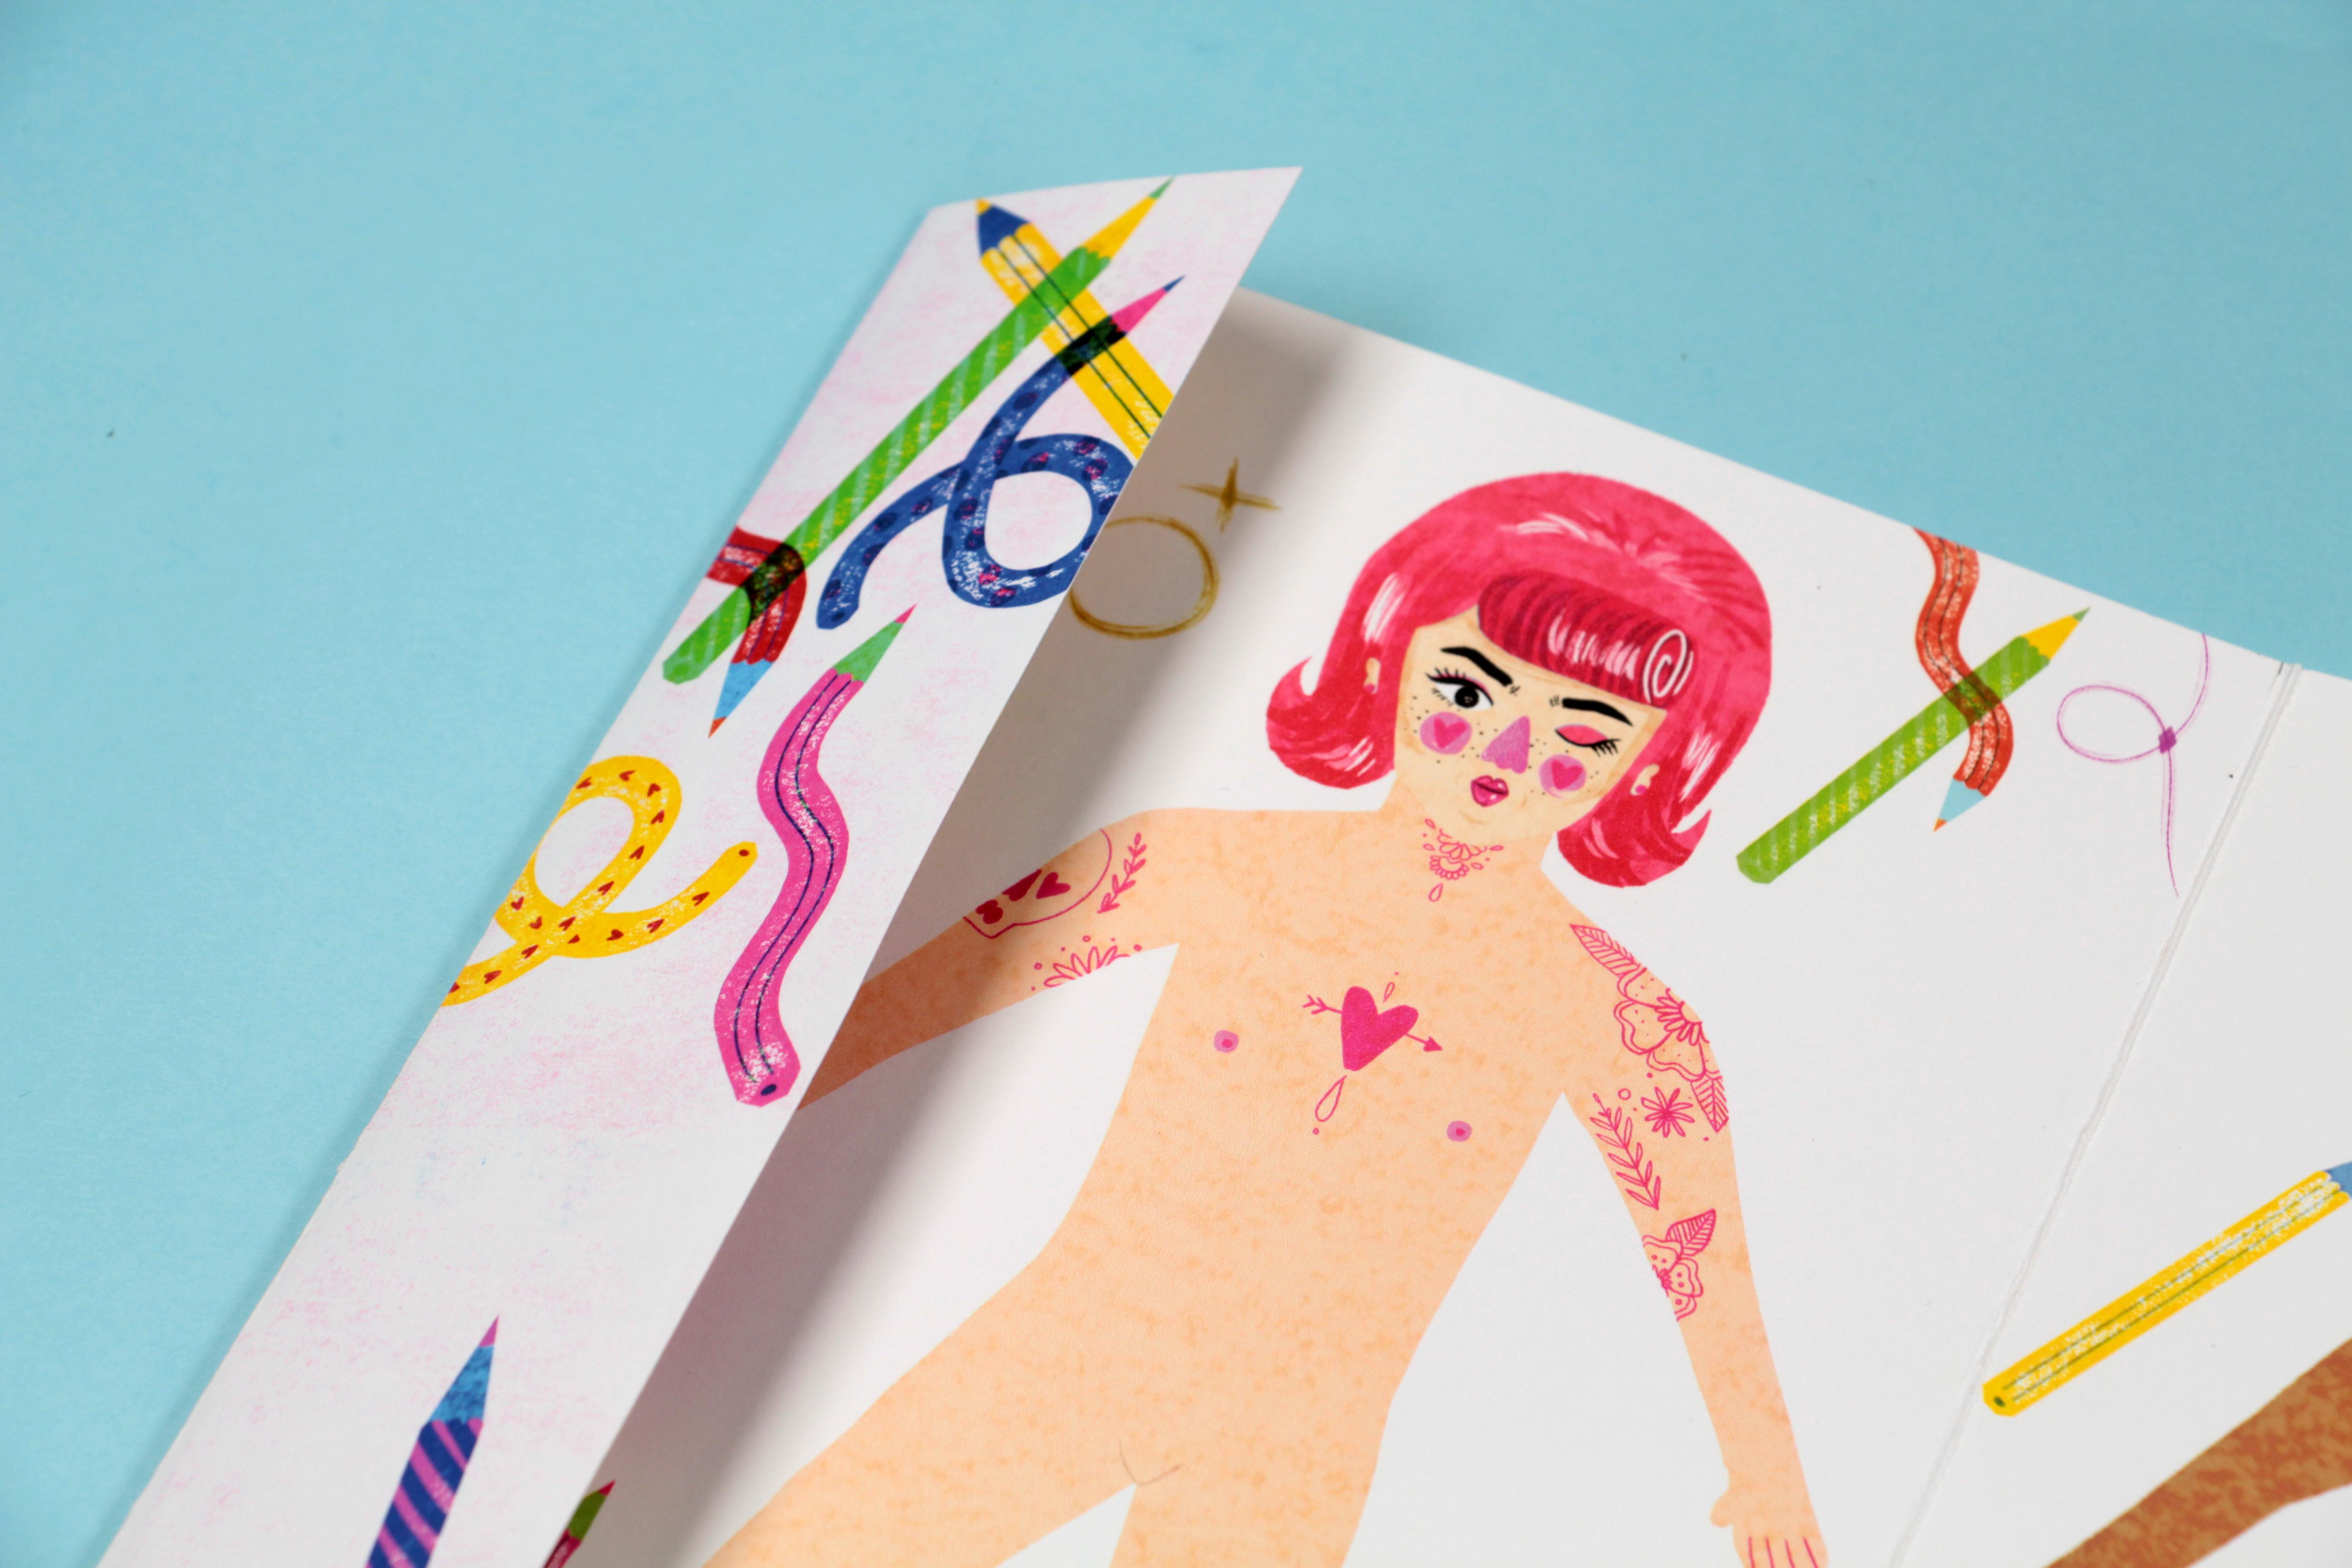 Gender roles sticker book